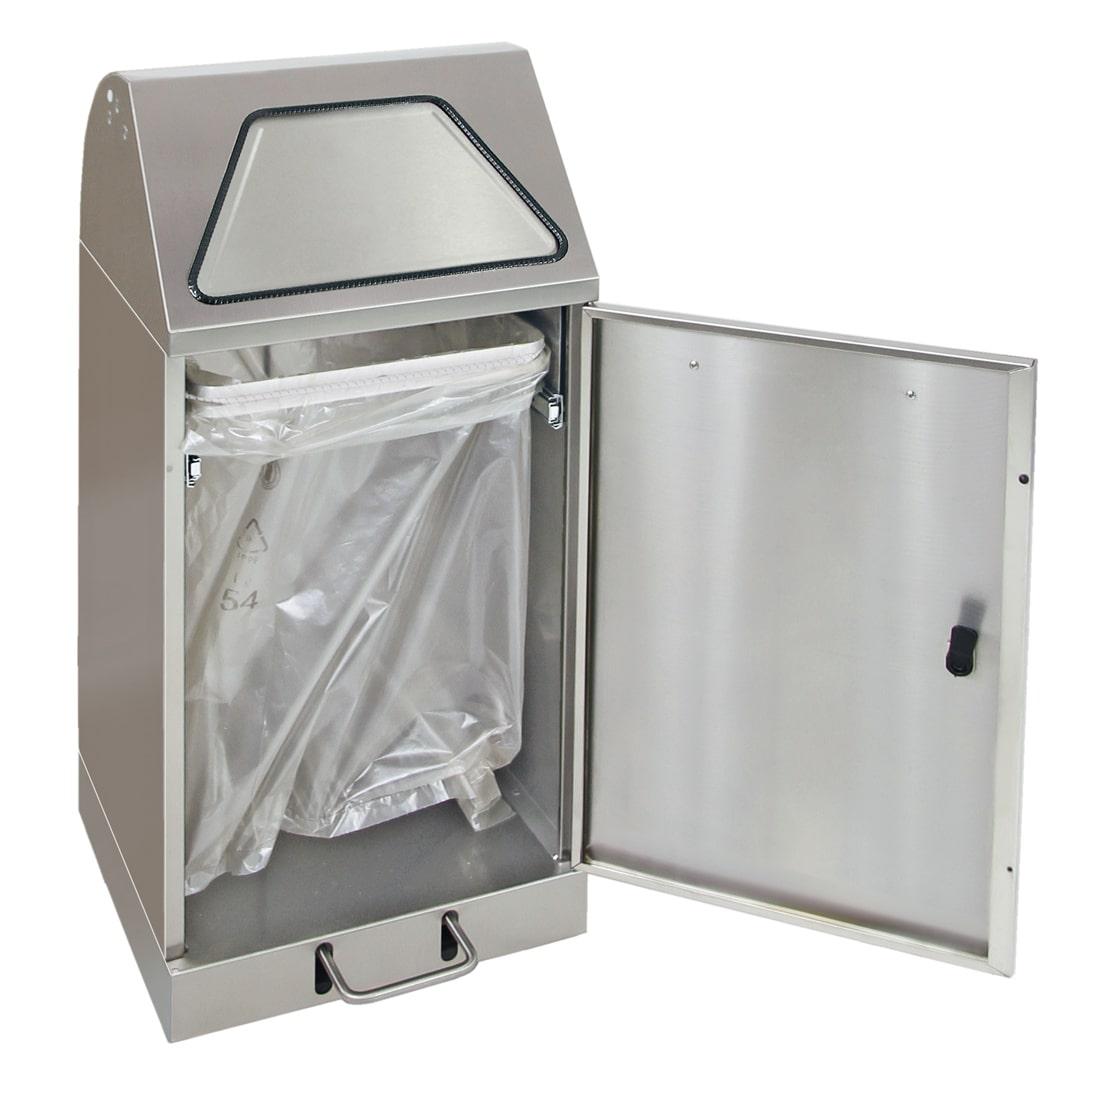 Abfalltrennung Modul-Vario 60, ProSlide-System, Trethebel, edelstahl